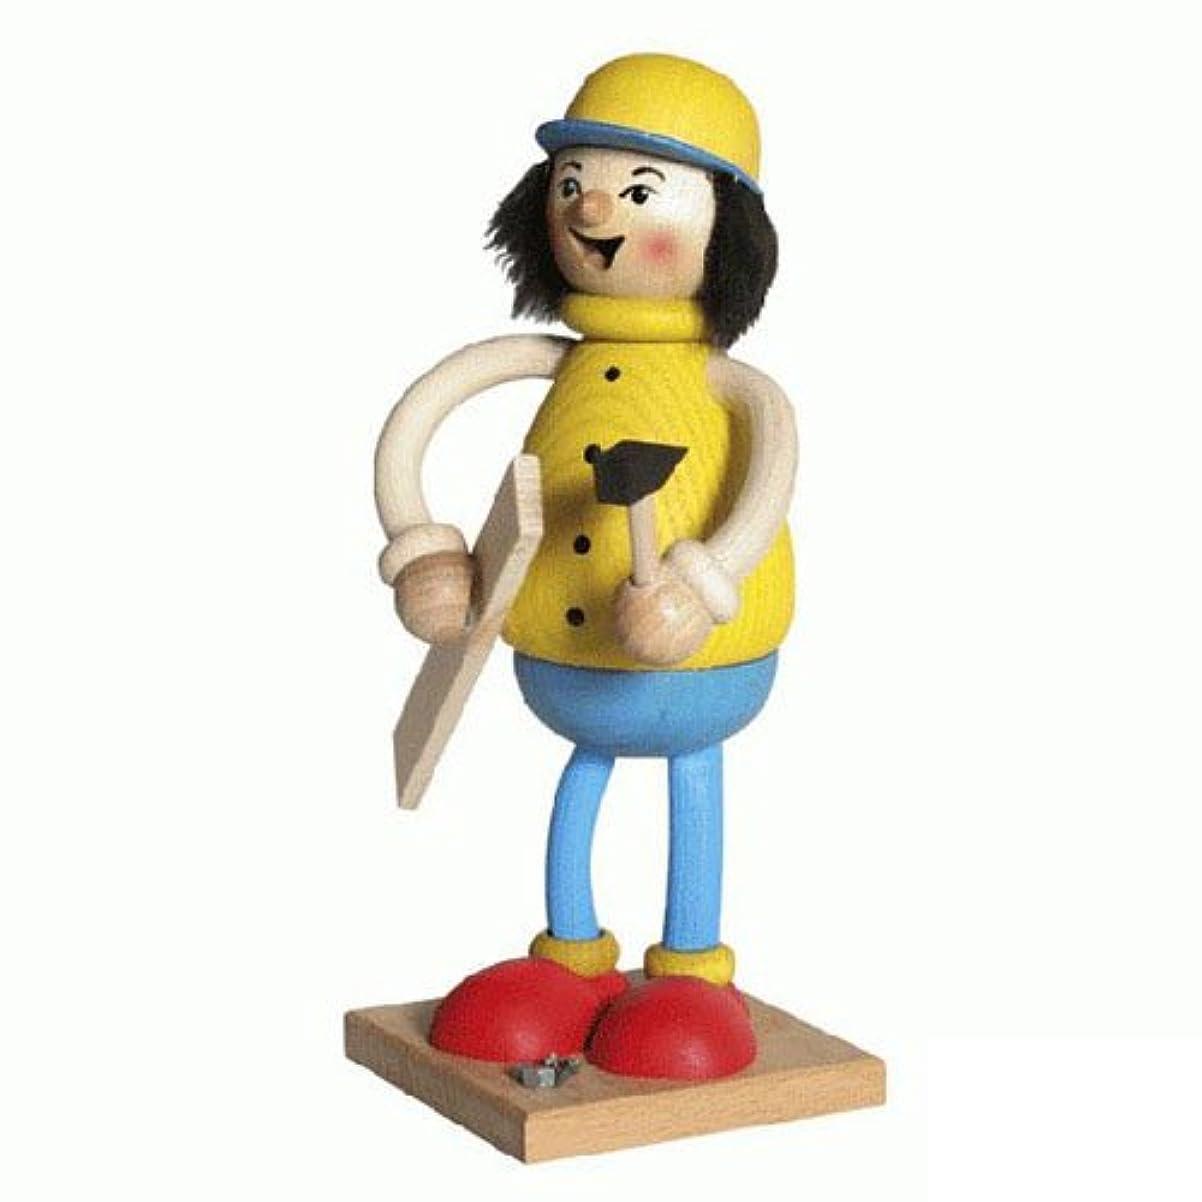 判決特権的ほこり39096 Kuhnert(クーネルト) ミニパイプ人形香炉 DIY